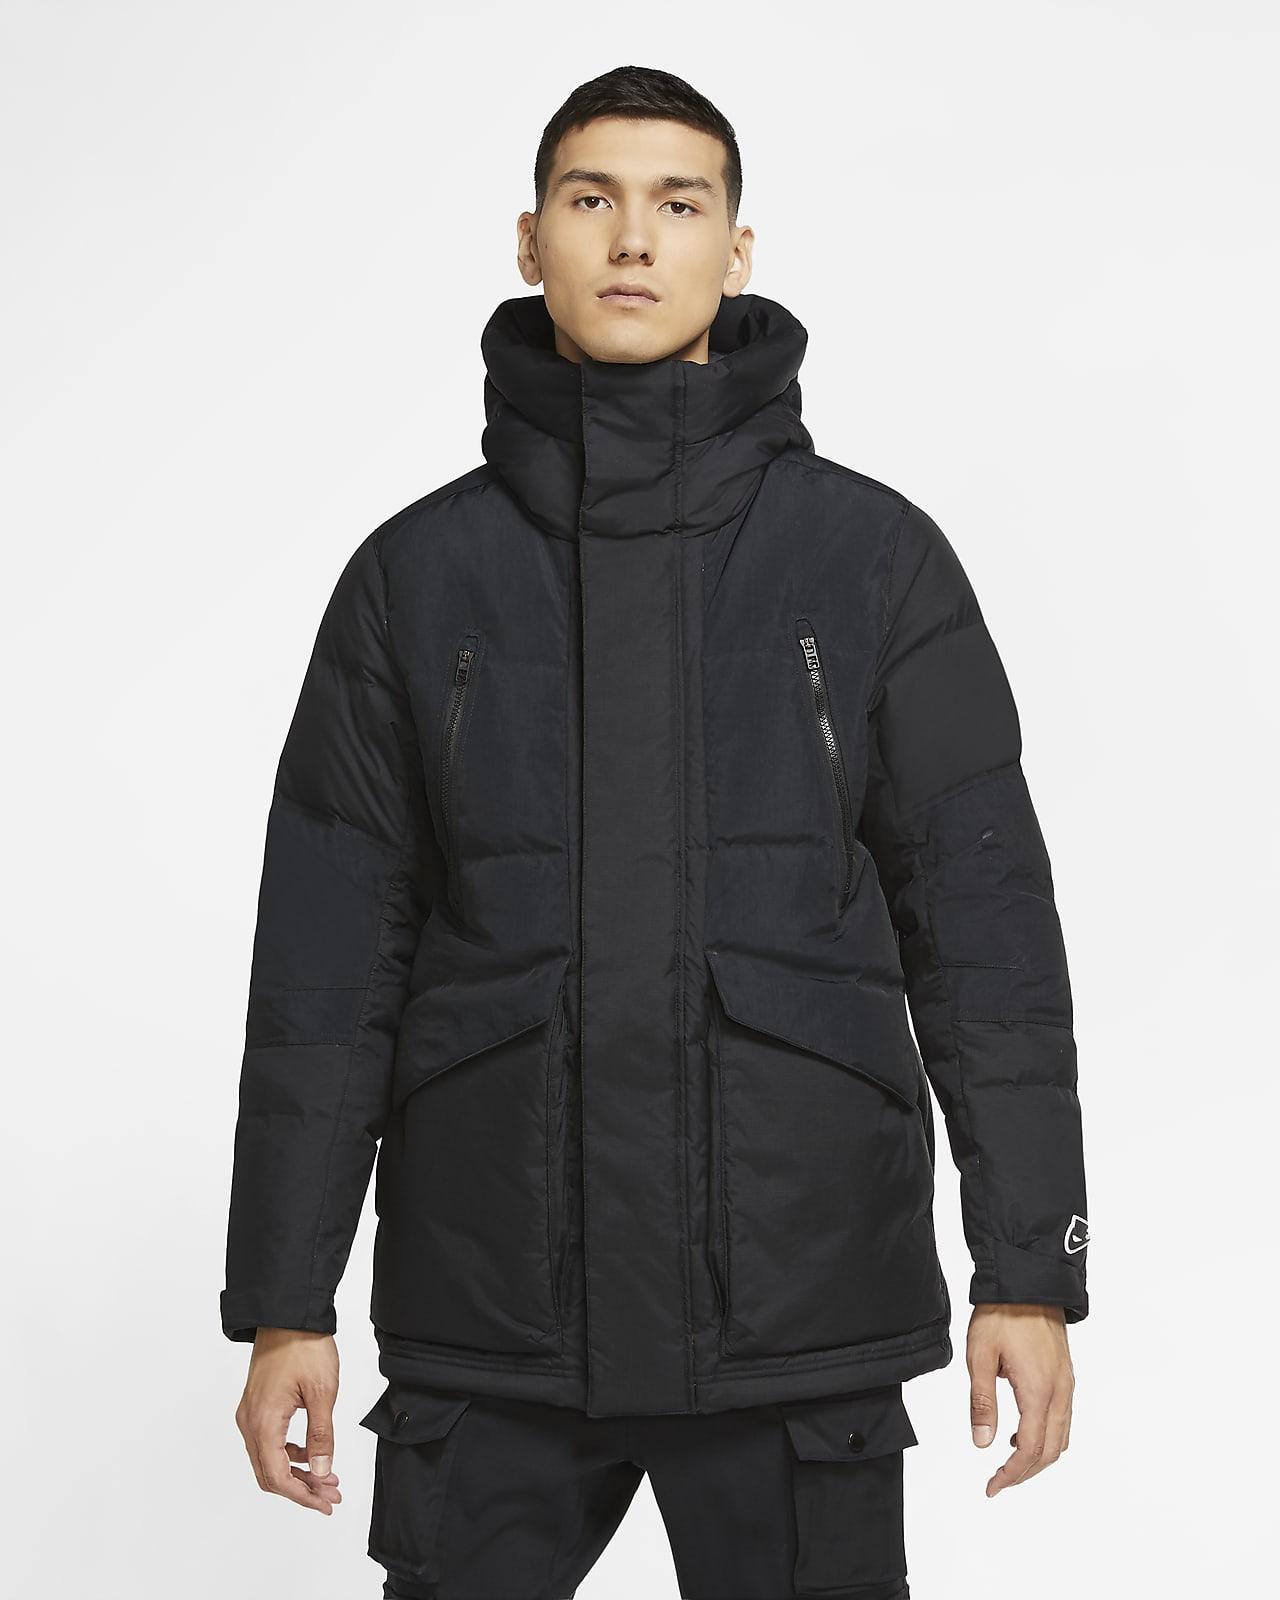 Nike Sportswear Down-Fill Men's Repel Parka